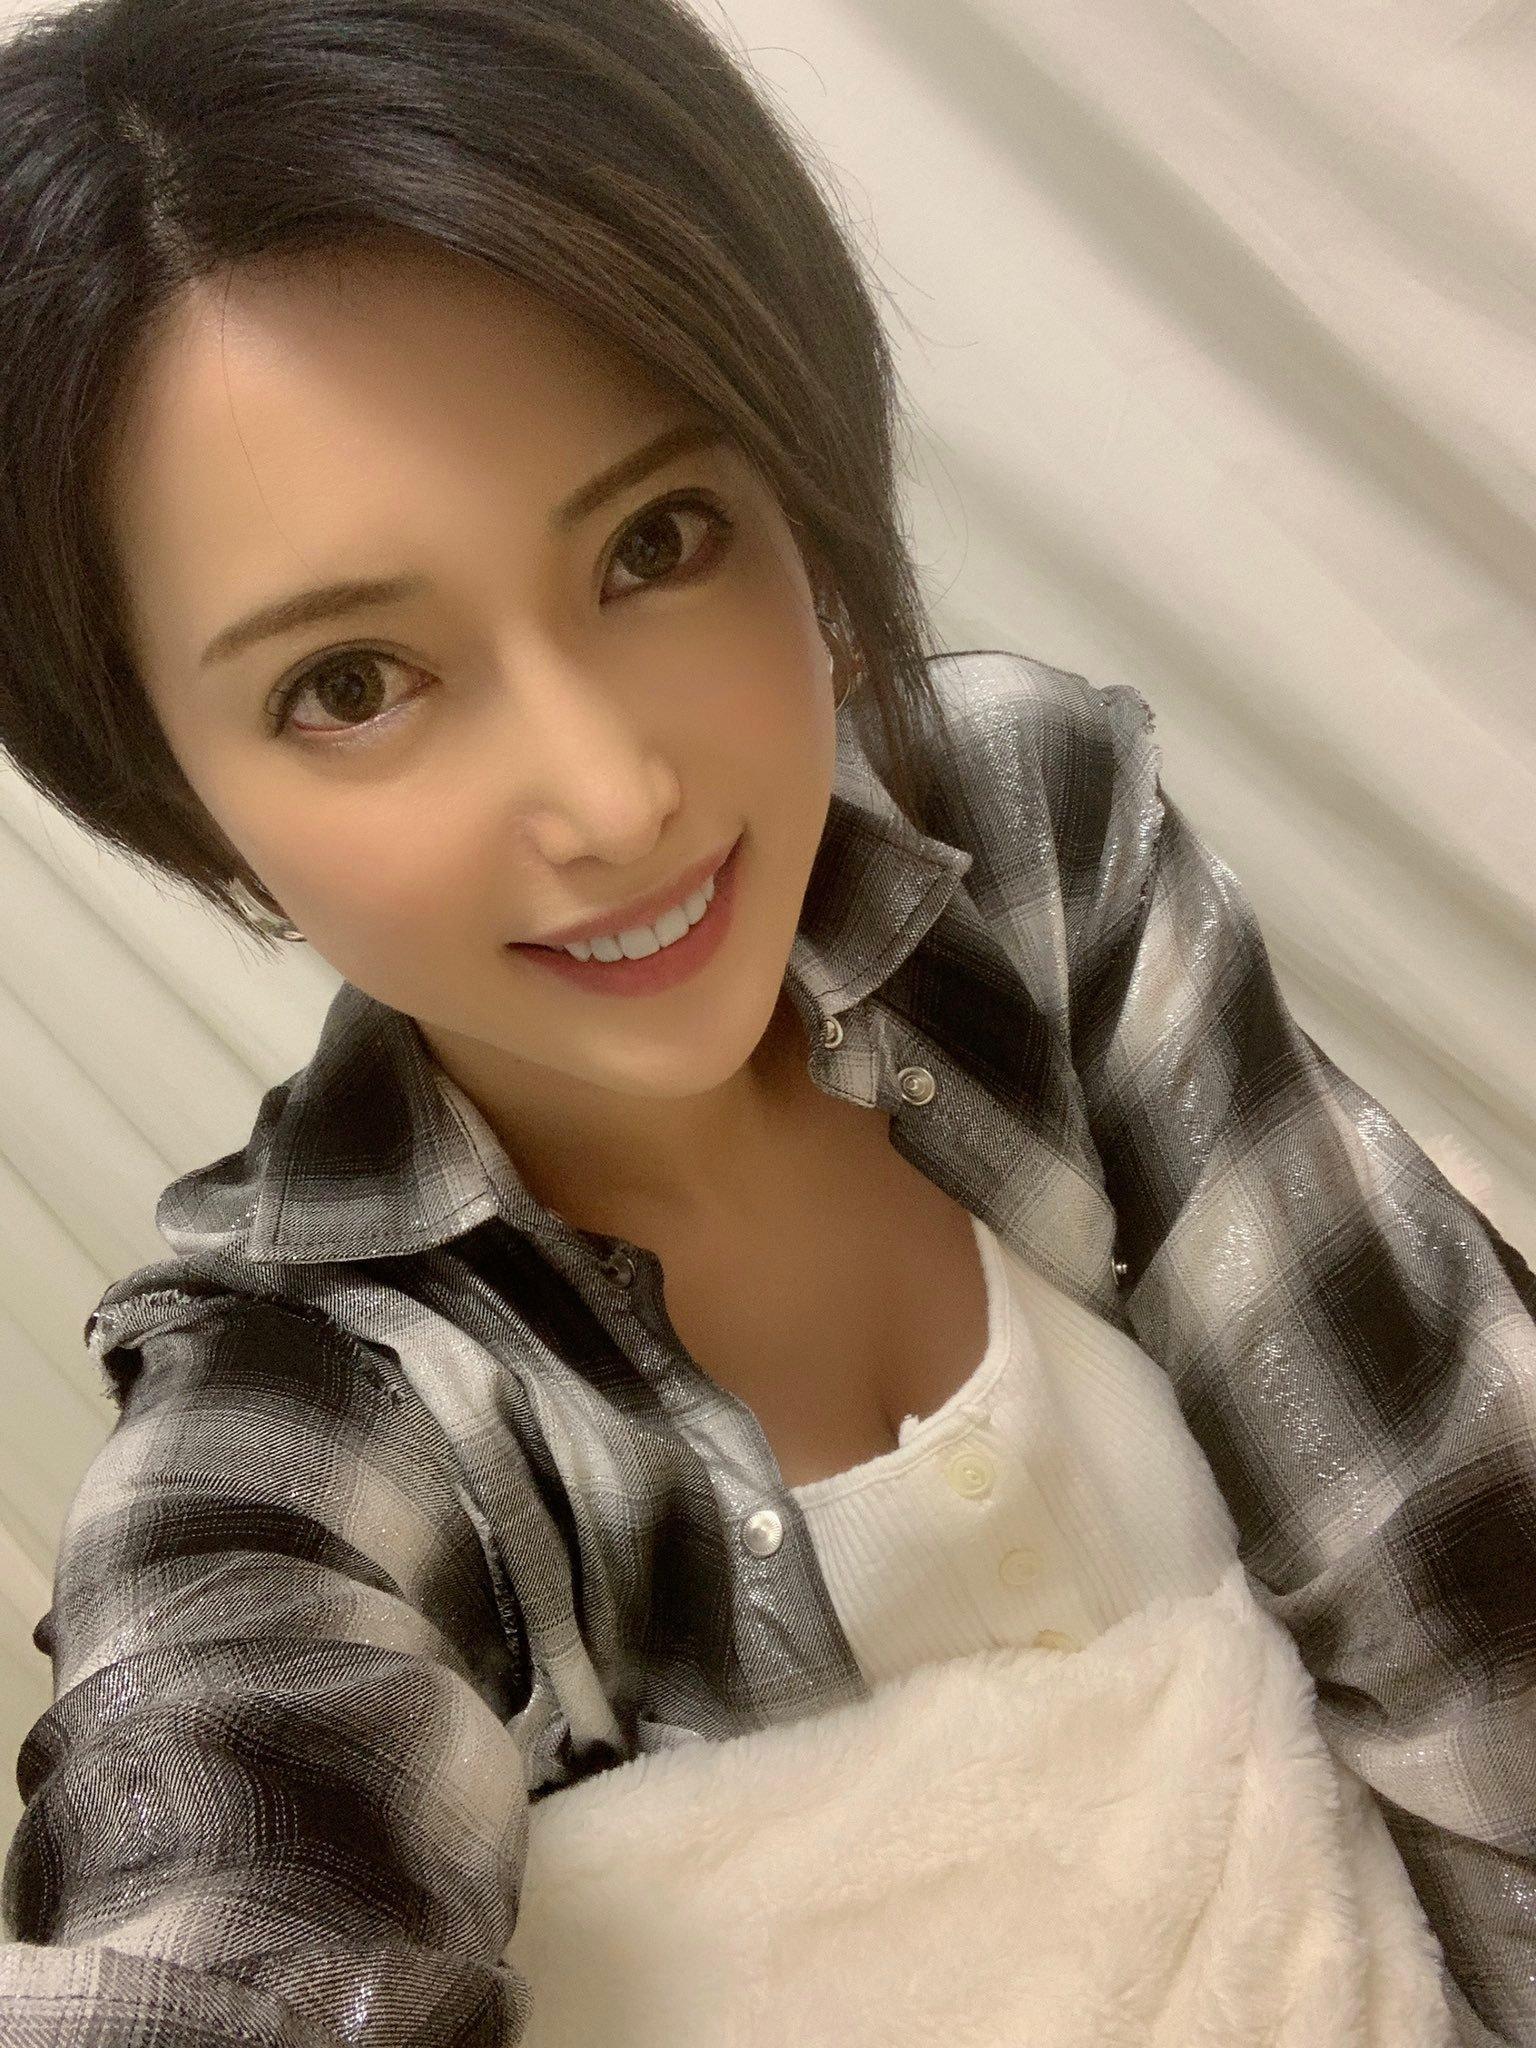 我喜欢的短发老师 君岛美绪(君島みお)